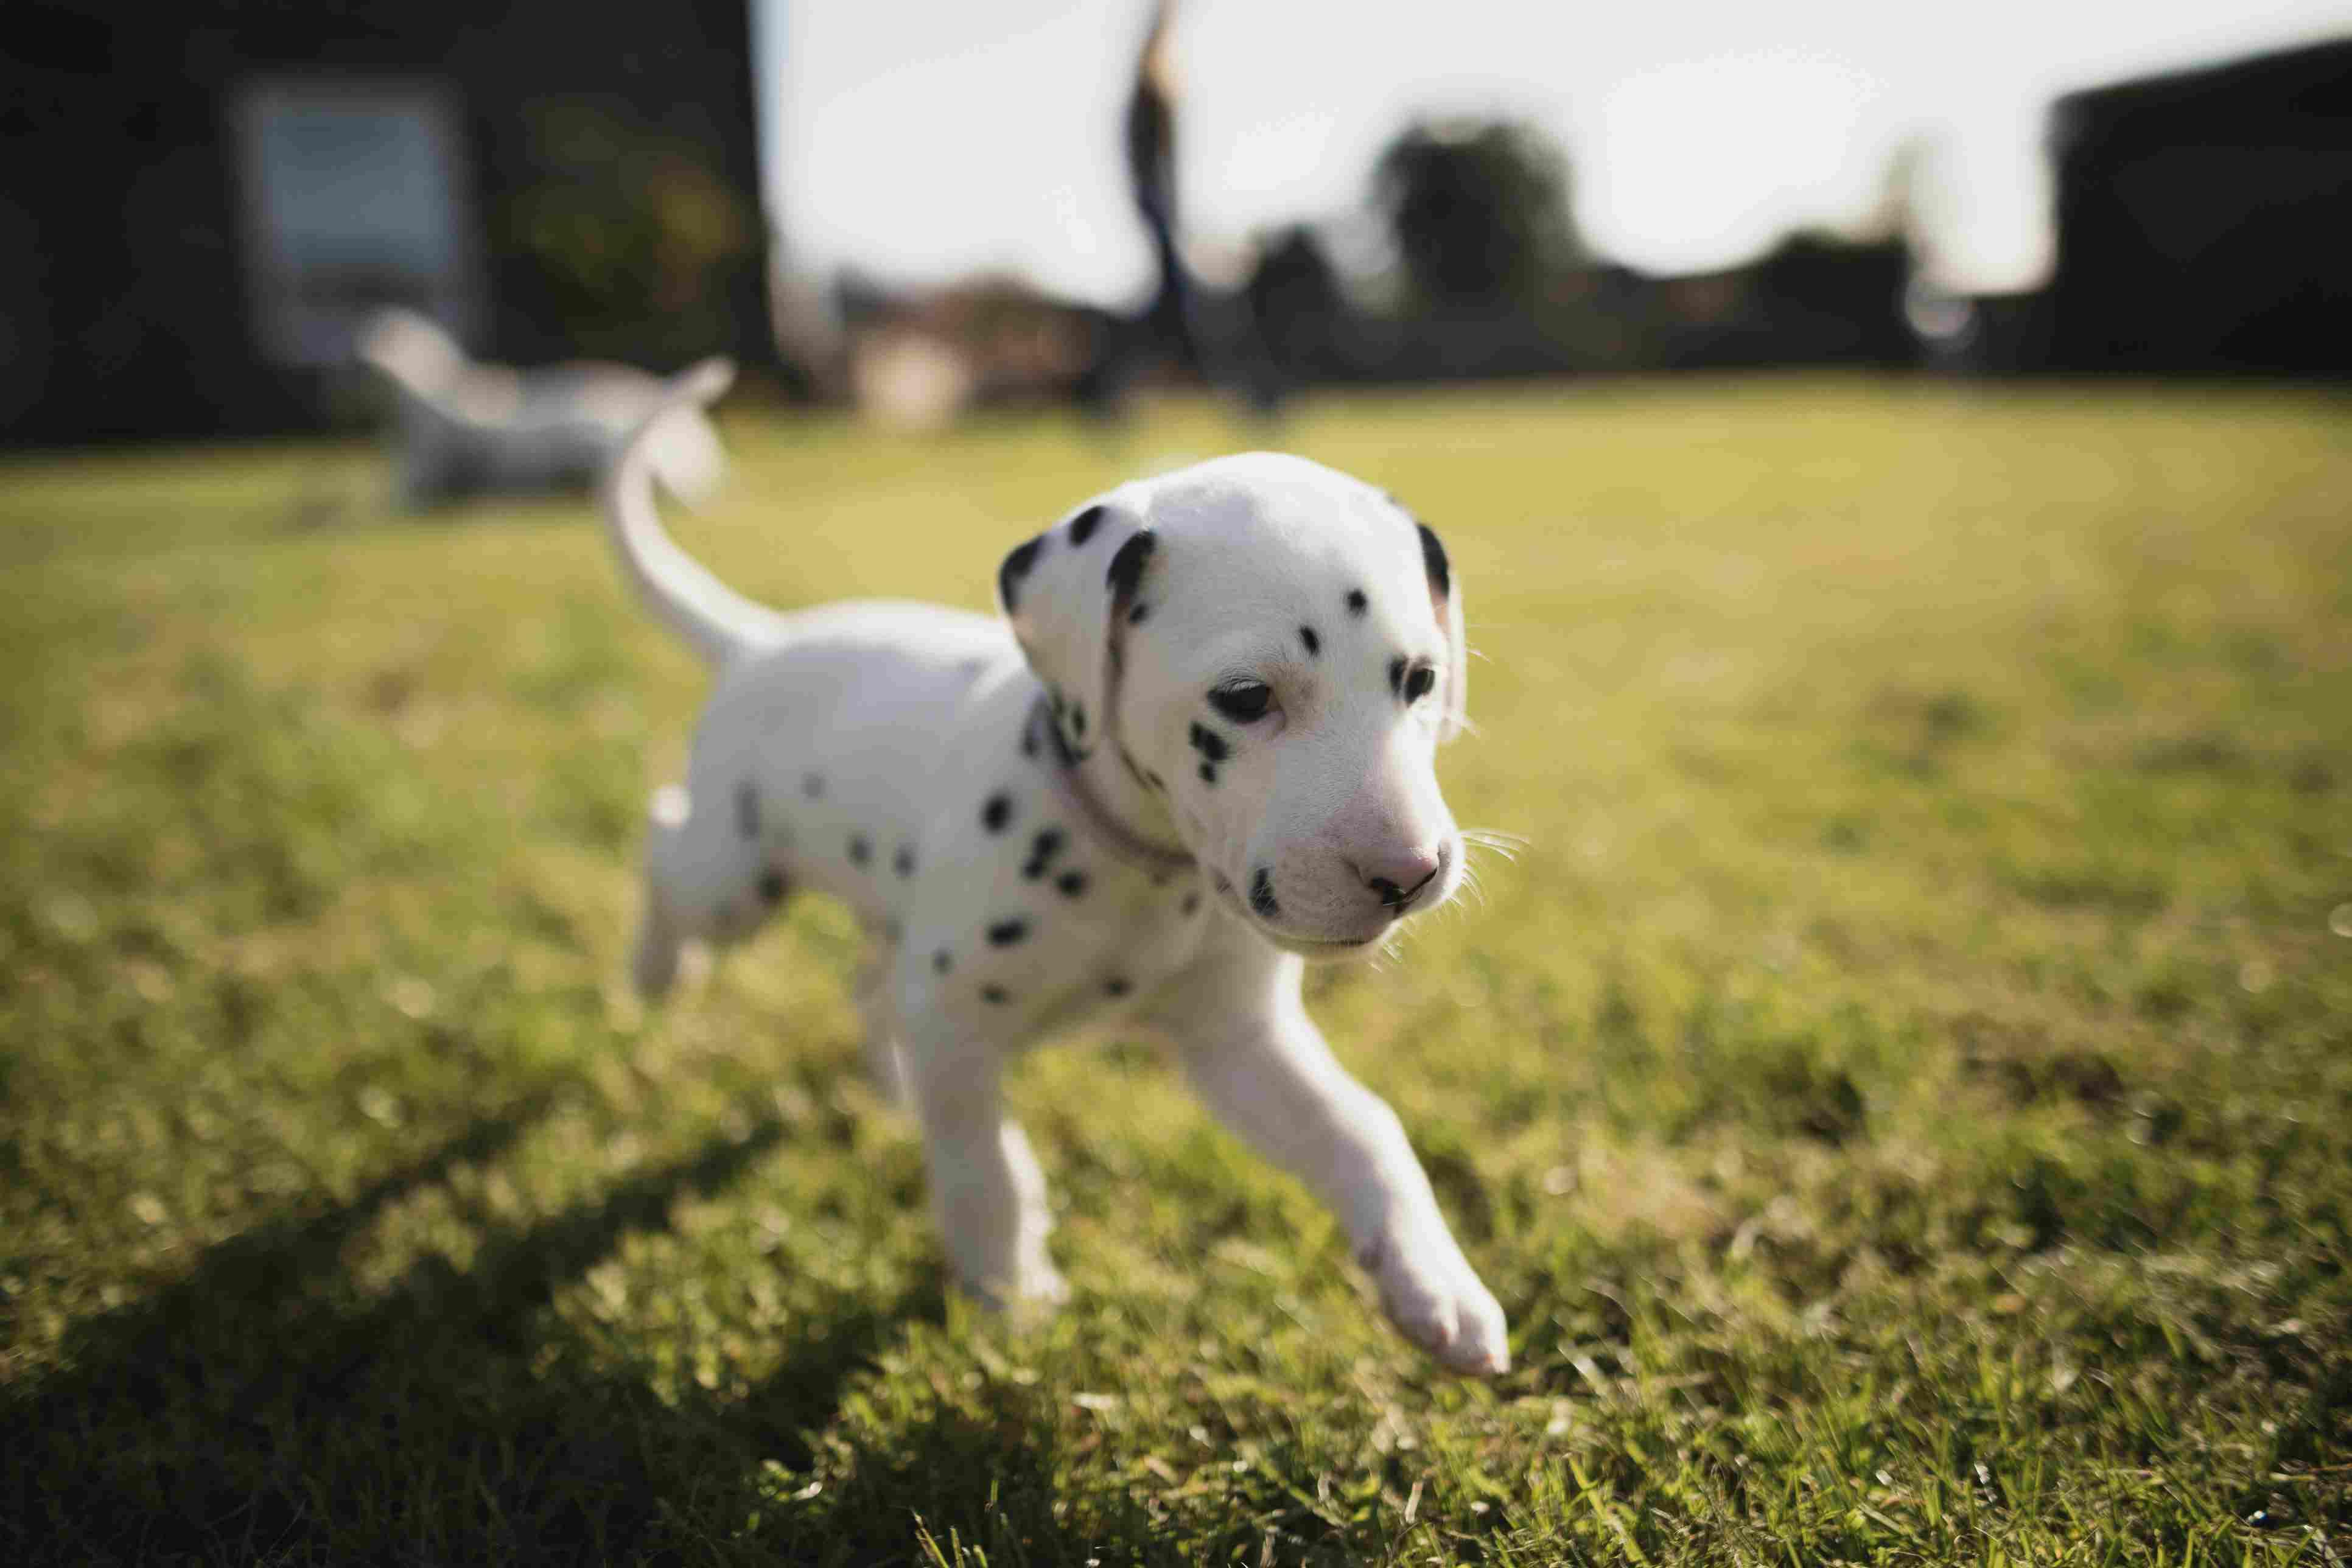 Cachorro corriendo en el jardín